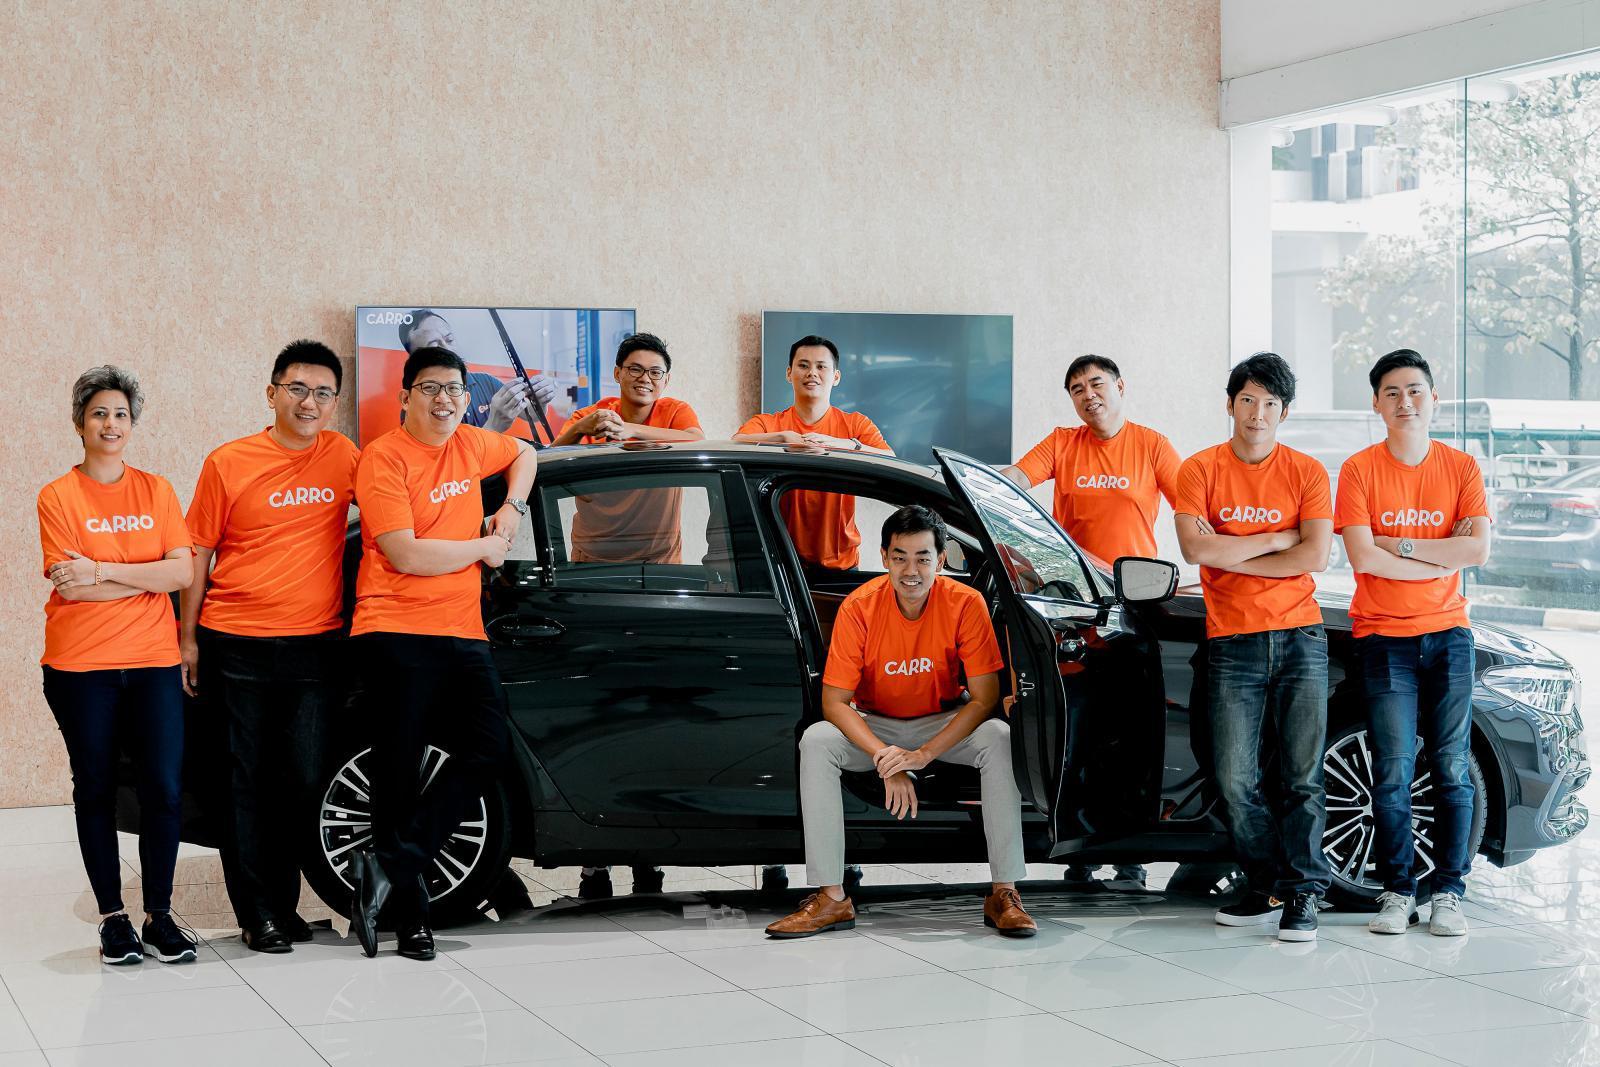 CARRO ขึ้นแท่นเป็นยูนิคอร์น รายแรกในวงการตลาดยานยนต์ แห่งเอเชียตะวันออกเฉียงใต้